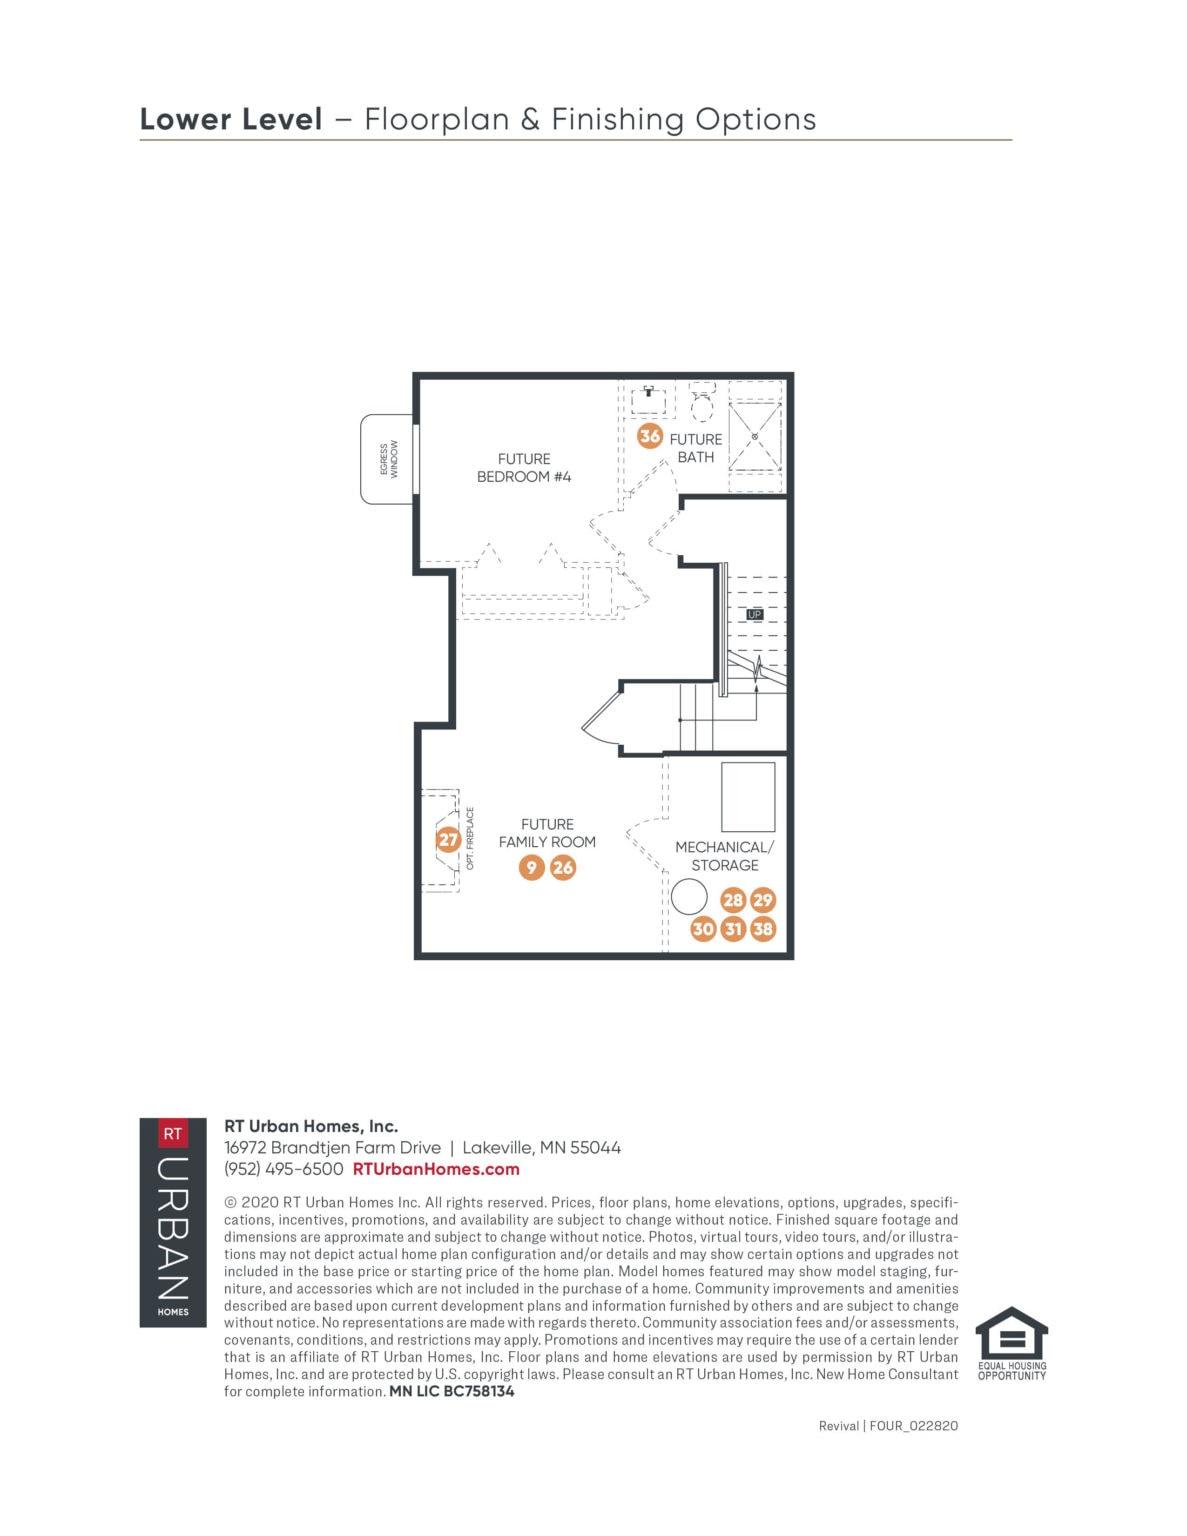 Revival FOUR Floorplan Handout_022820_page 4